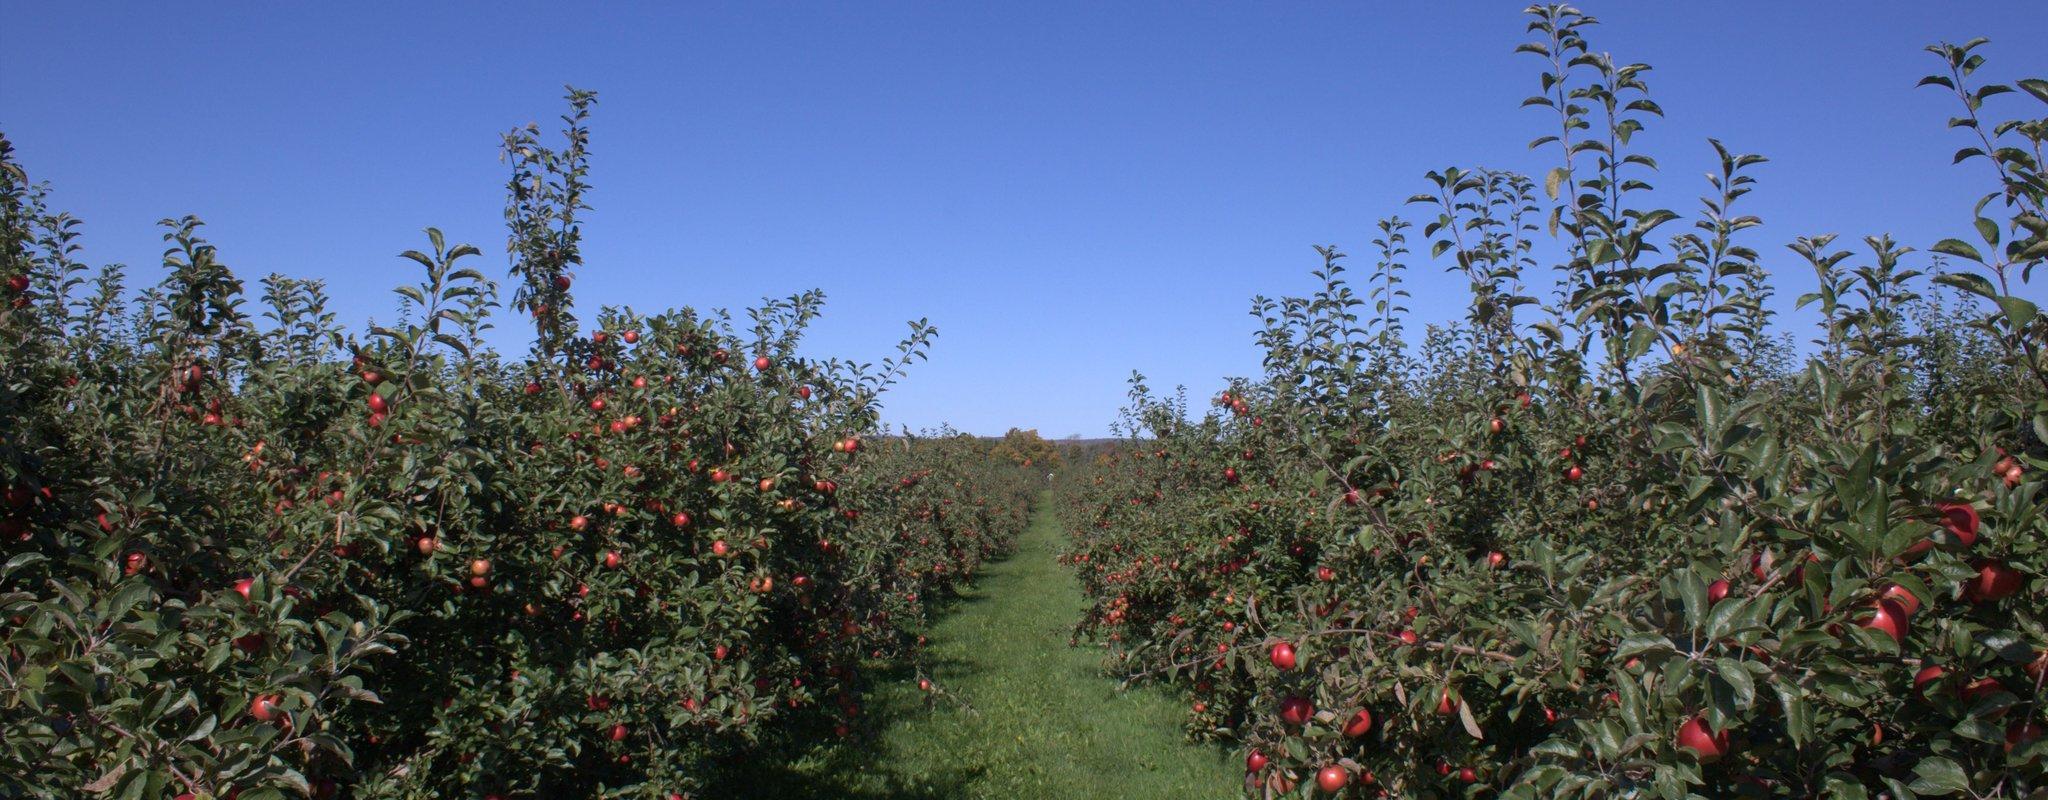 Sad jabłkowy Sad jabłkowy Źródło: MikeyMoose, licencja: CC BY-SA 3.0.